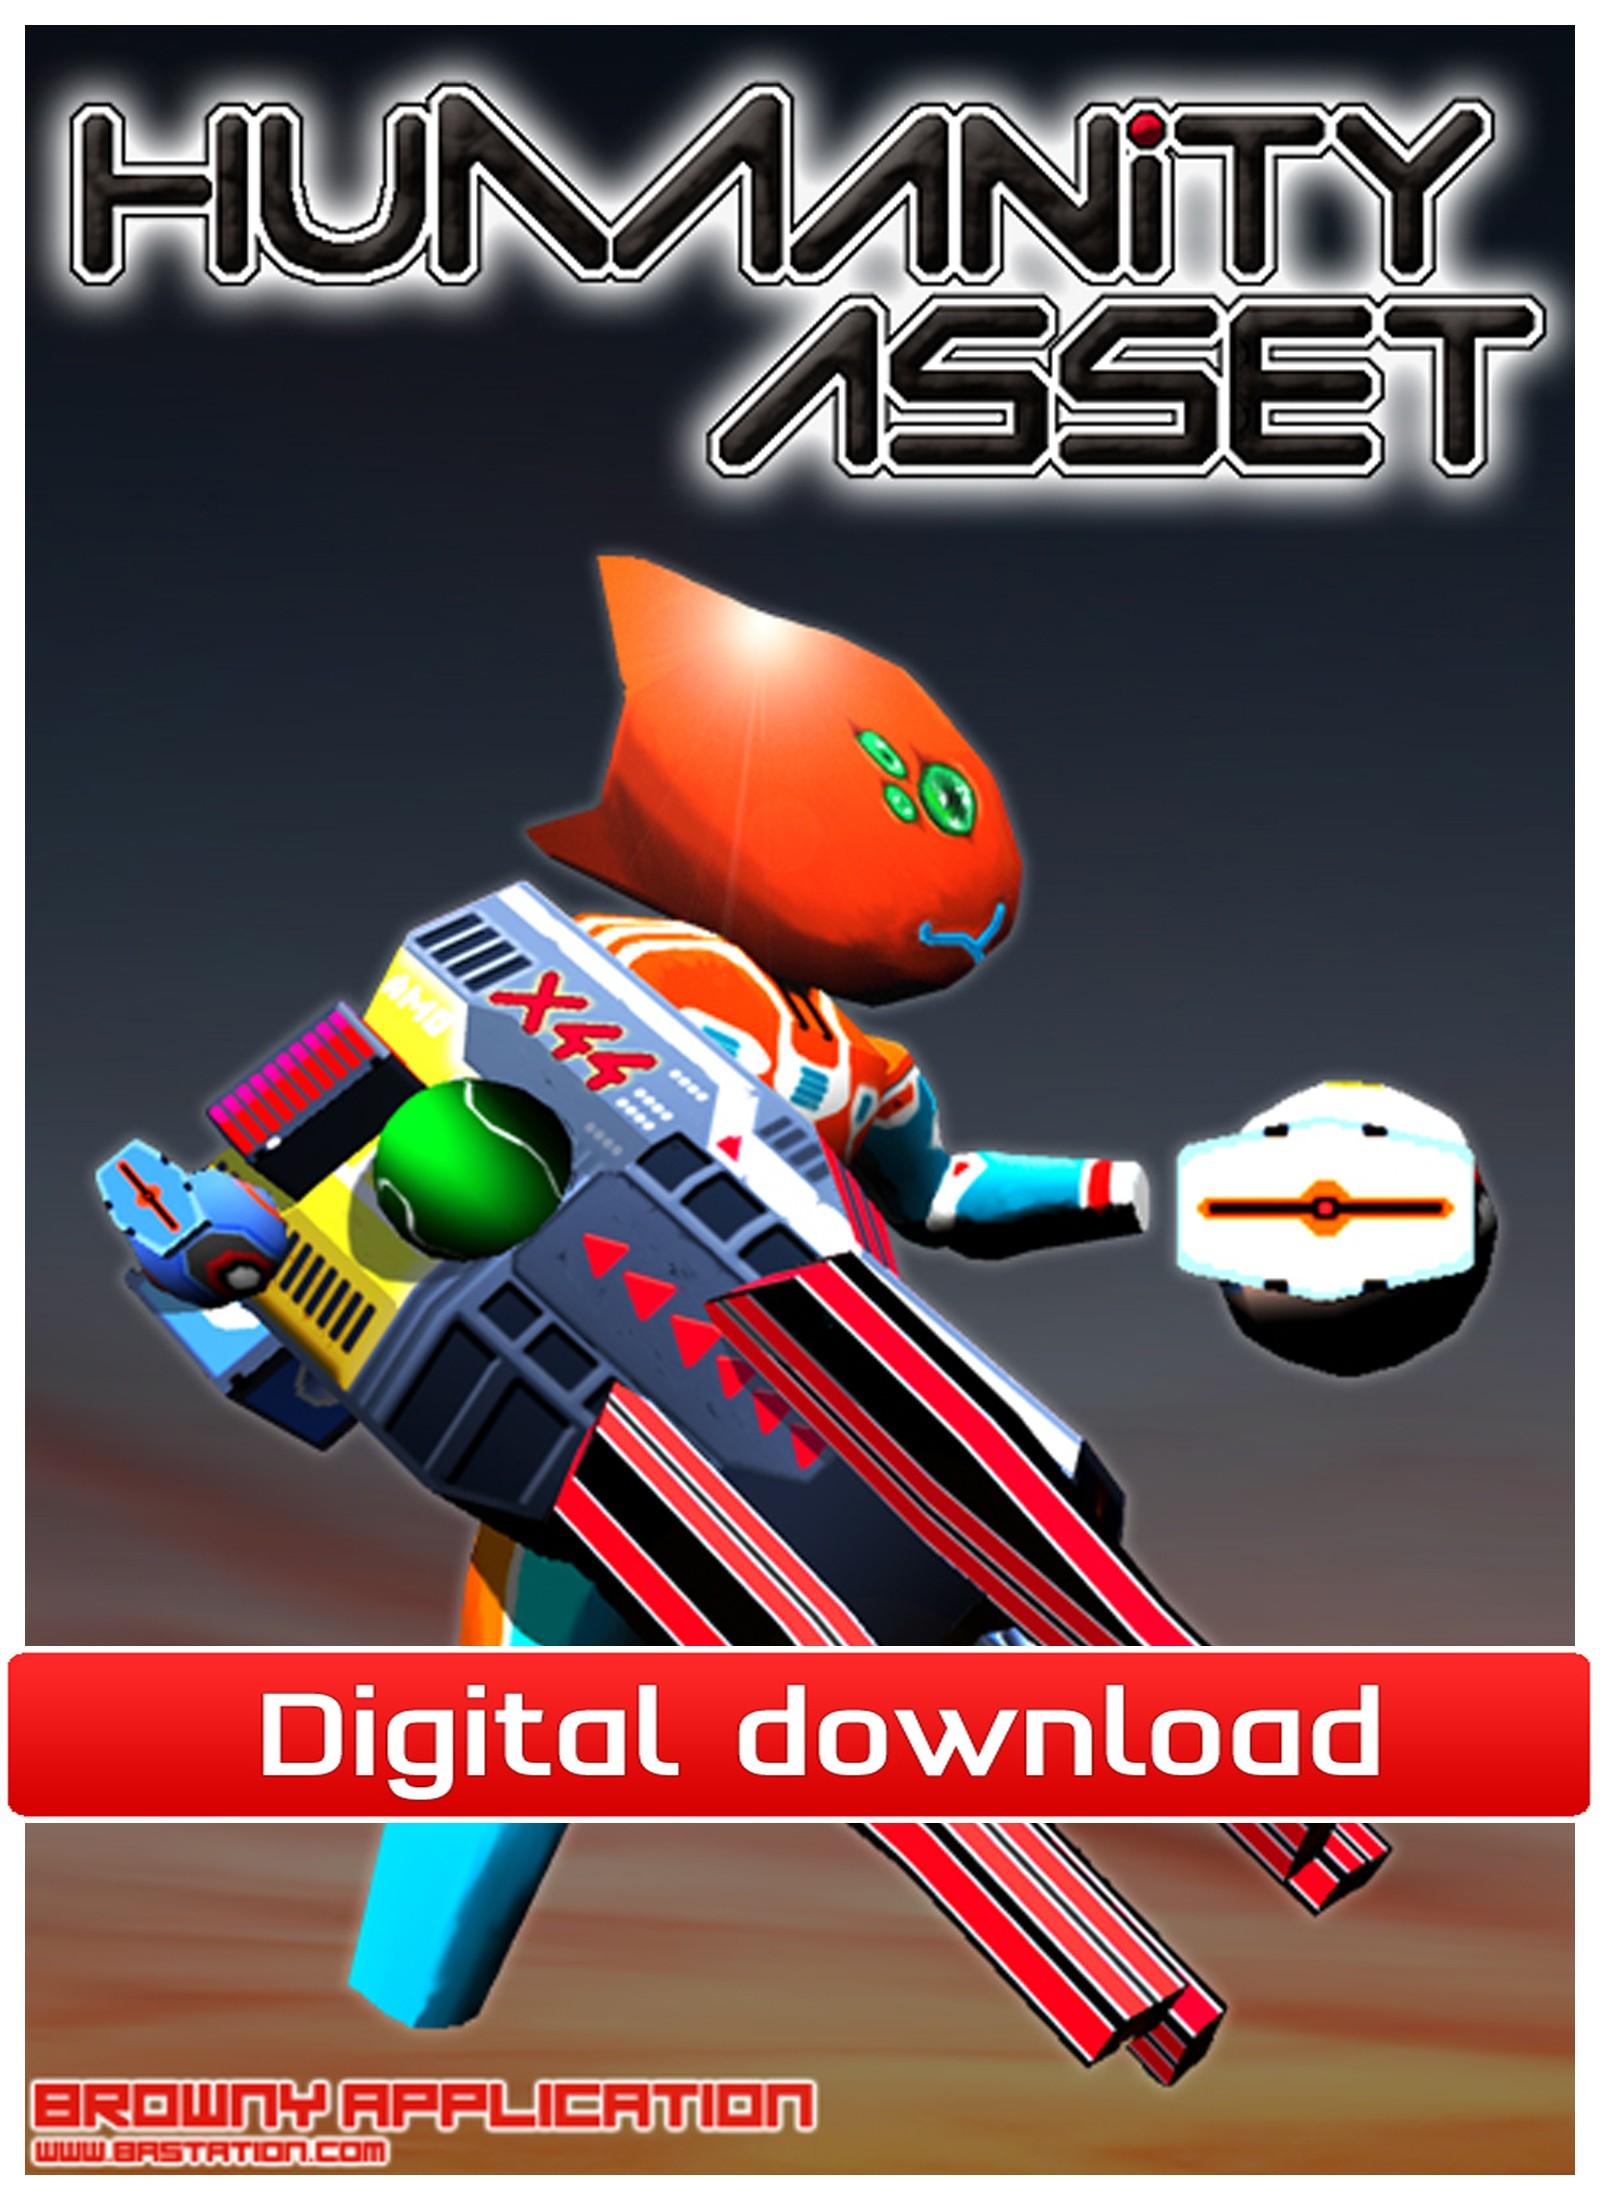 34637 : Humanity Assets (PC nedlastning)